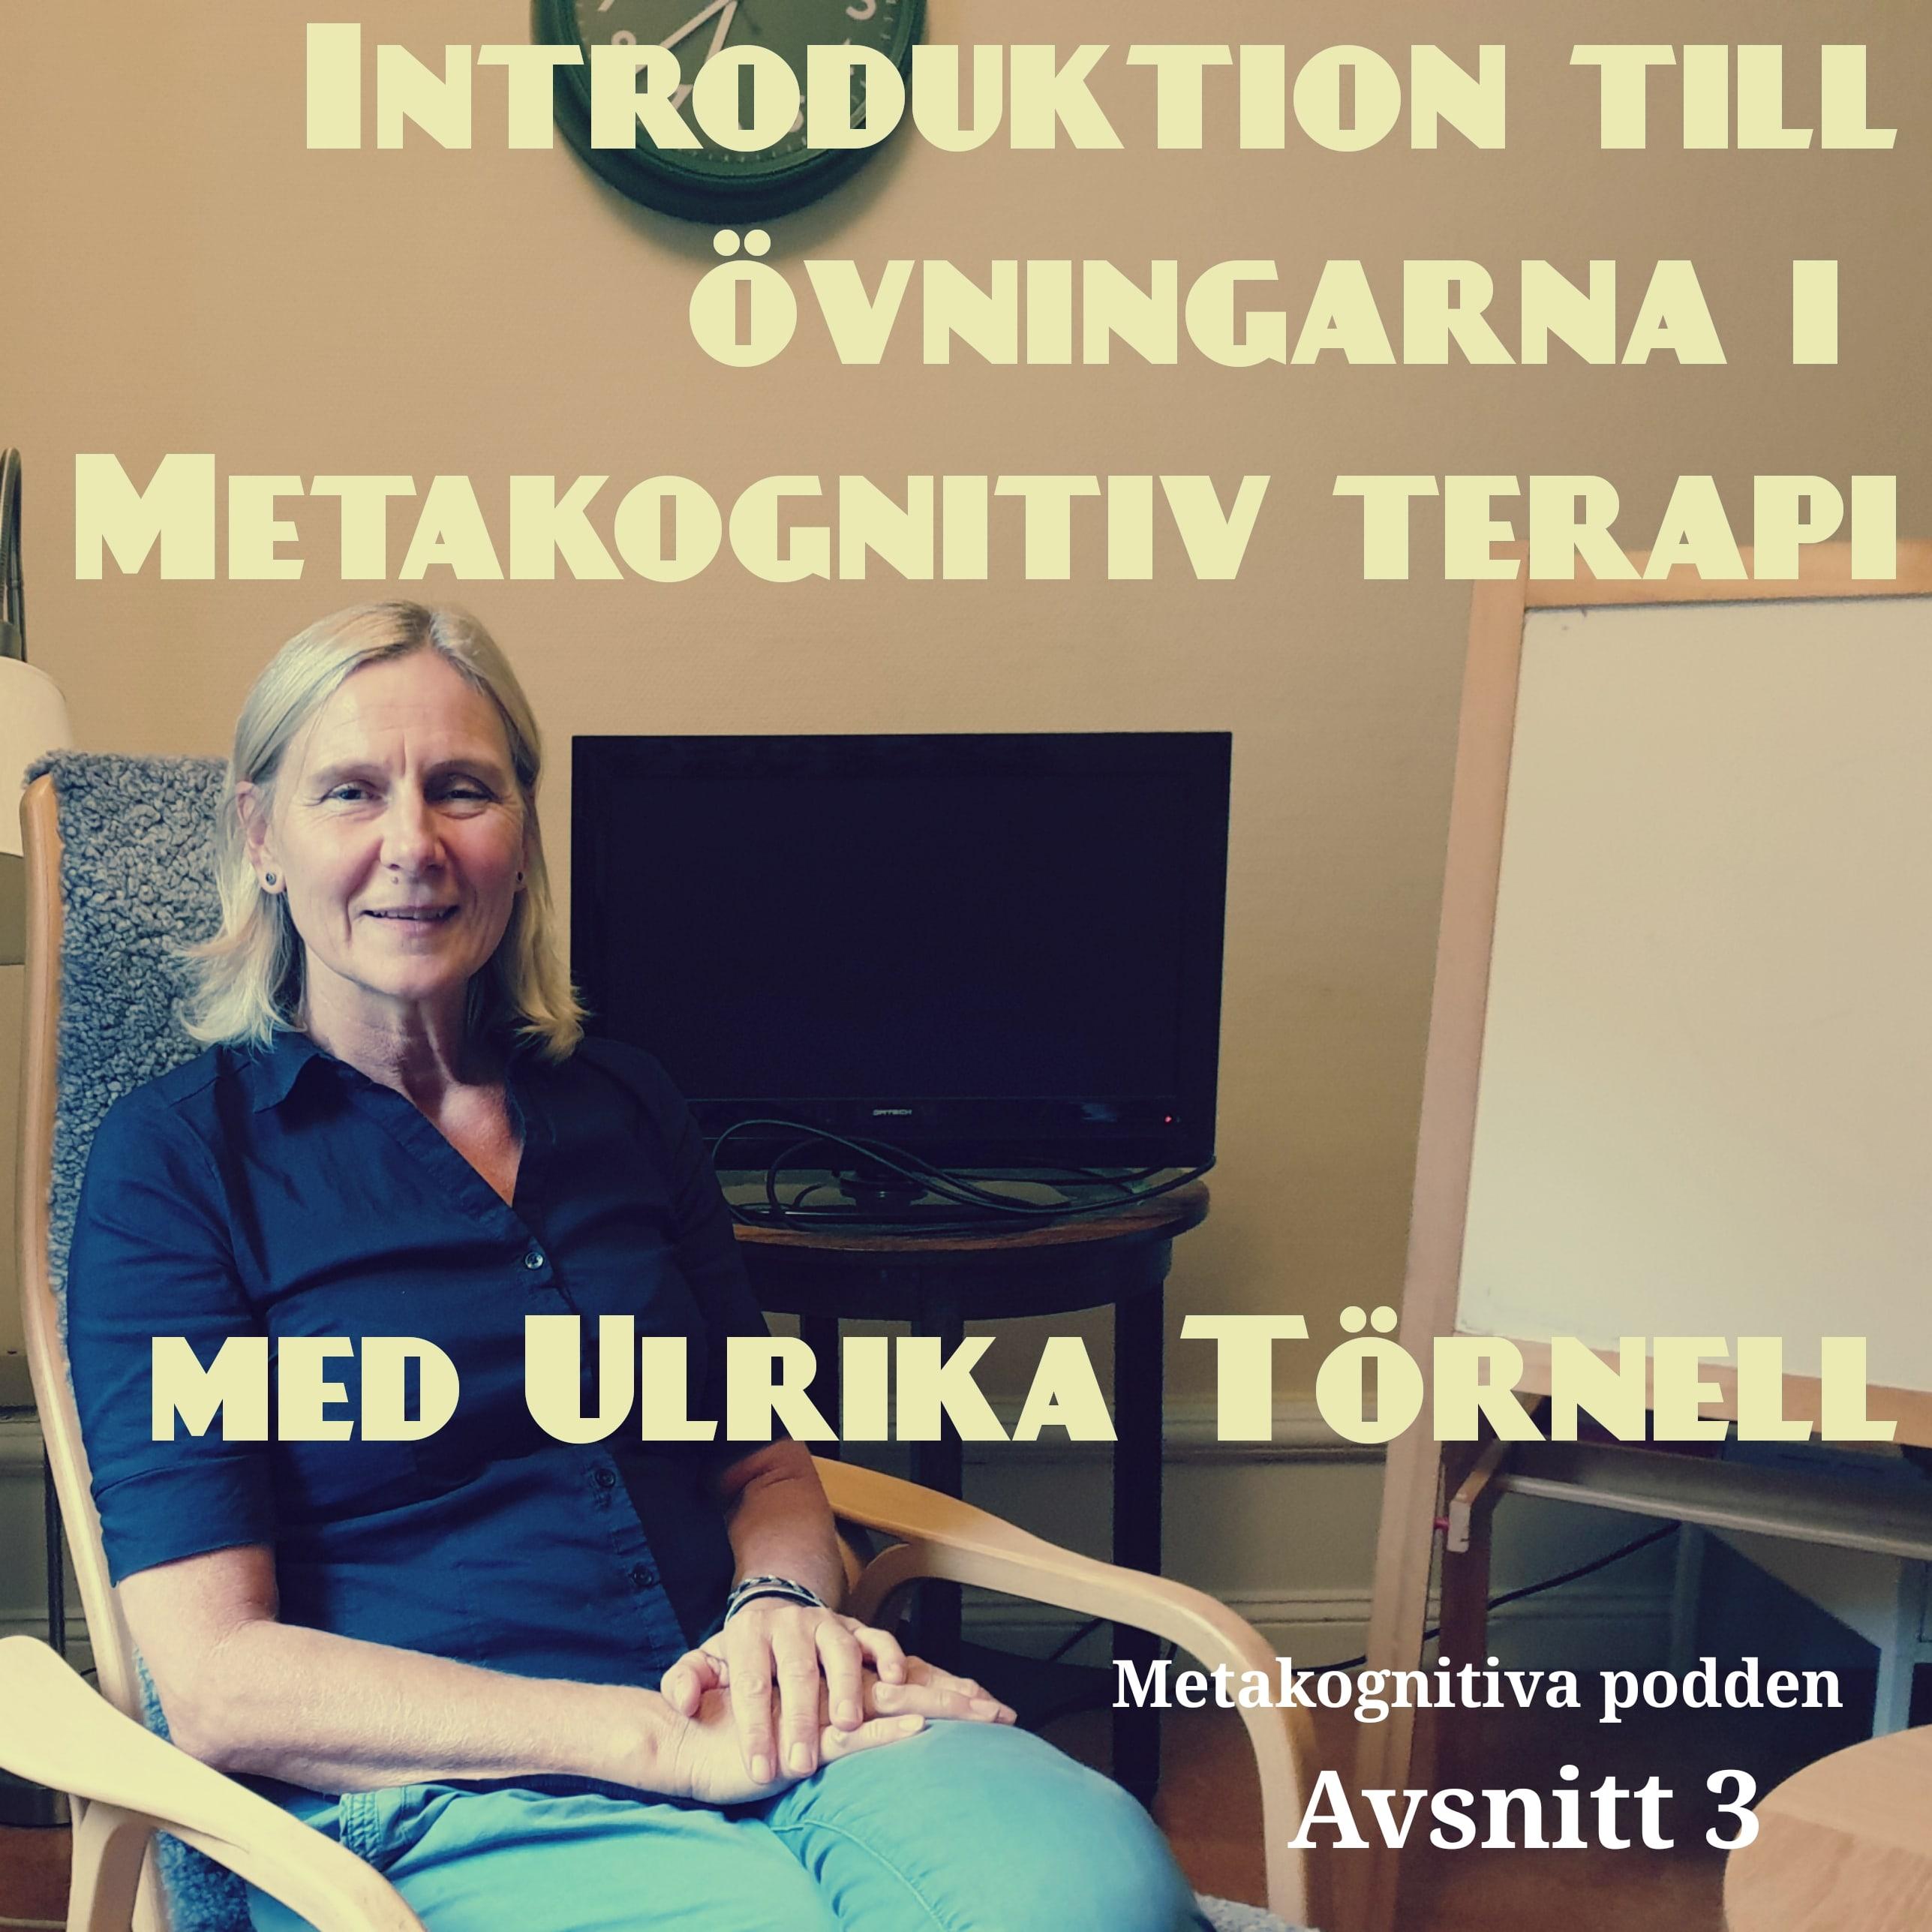 3. Introduktion till övningarna i Metakognitiv terapi med Ulrika Törnell